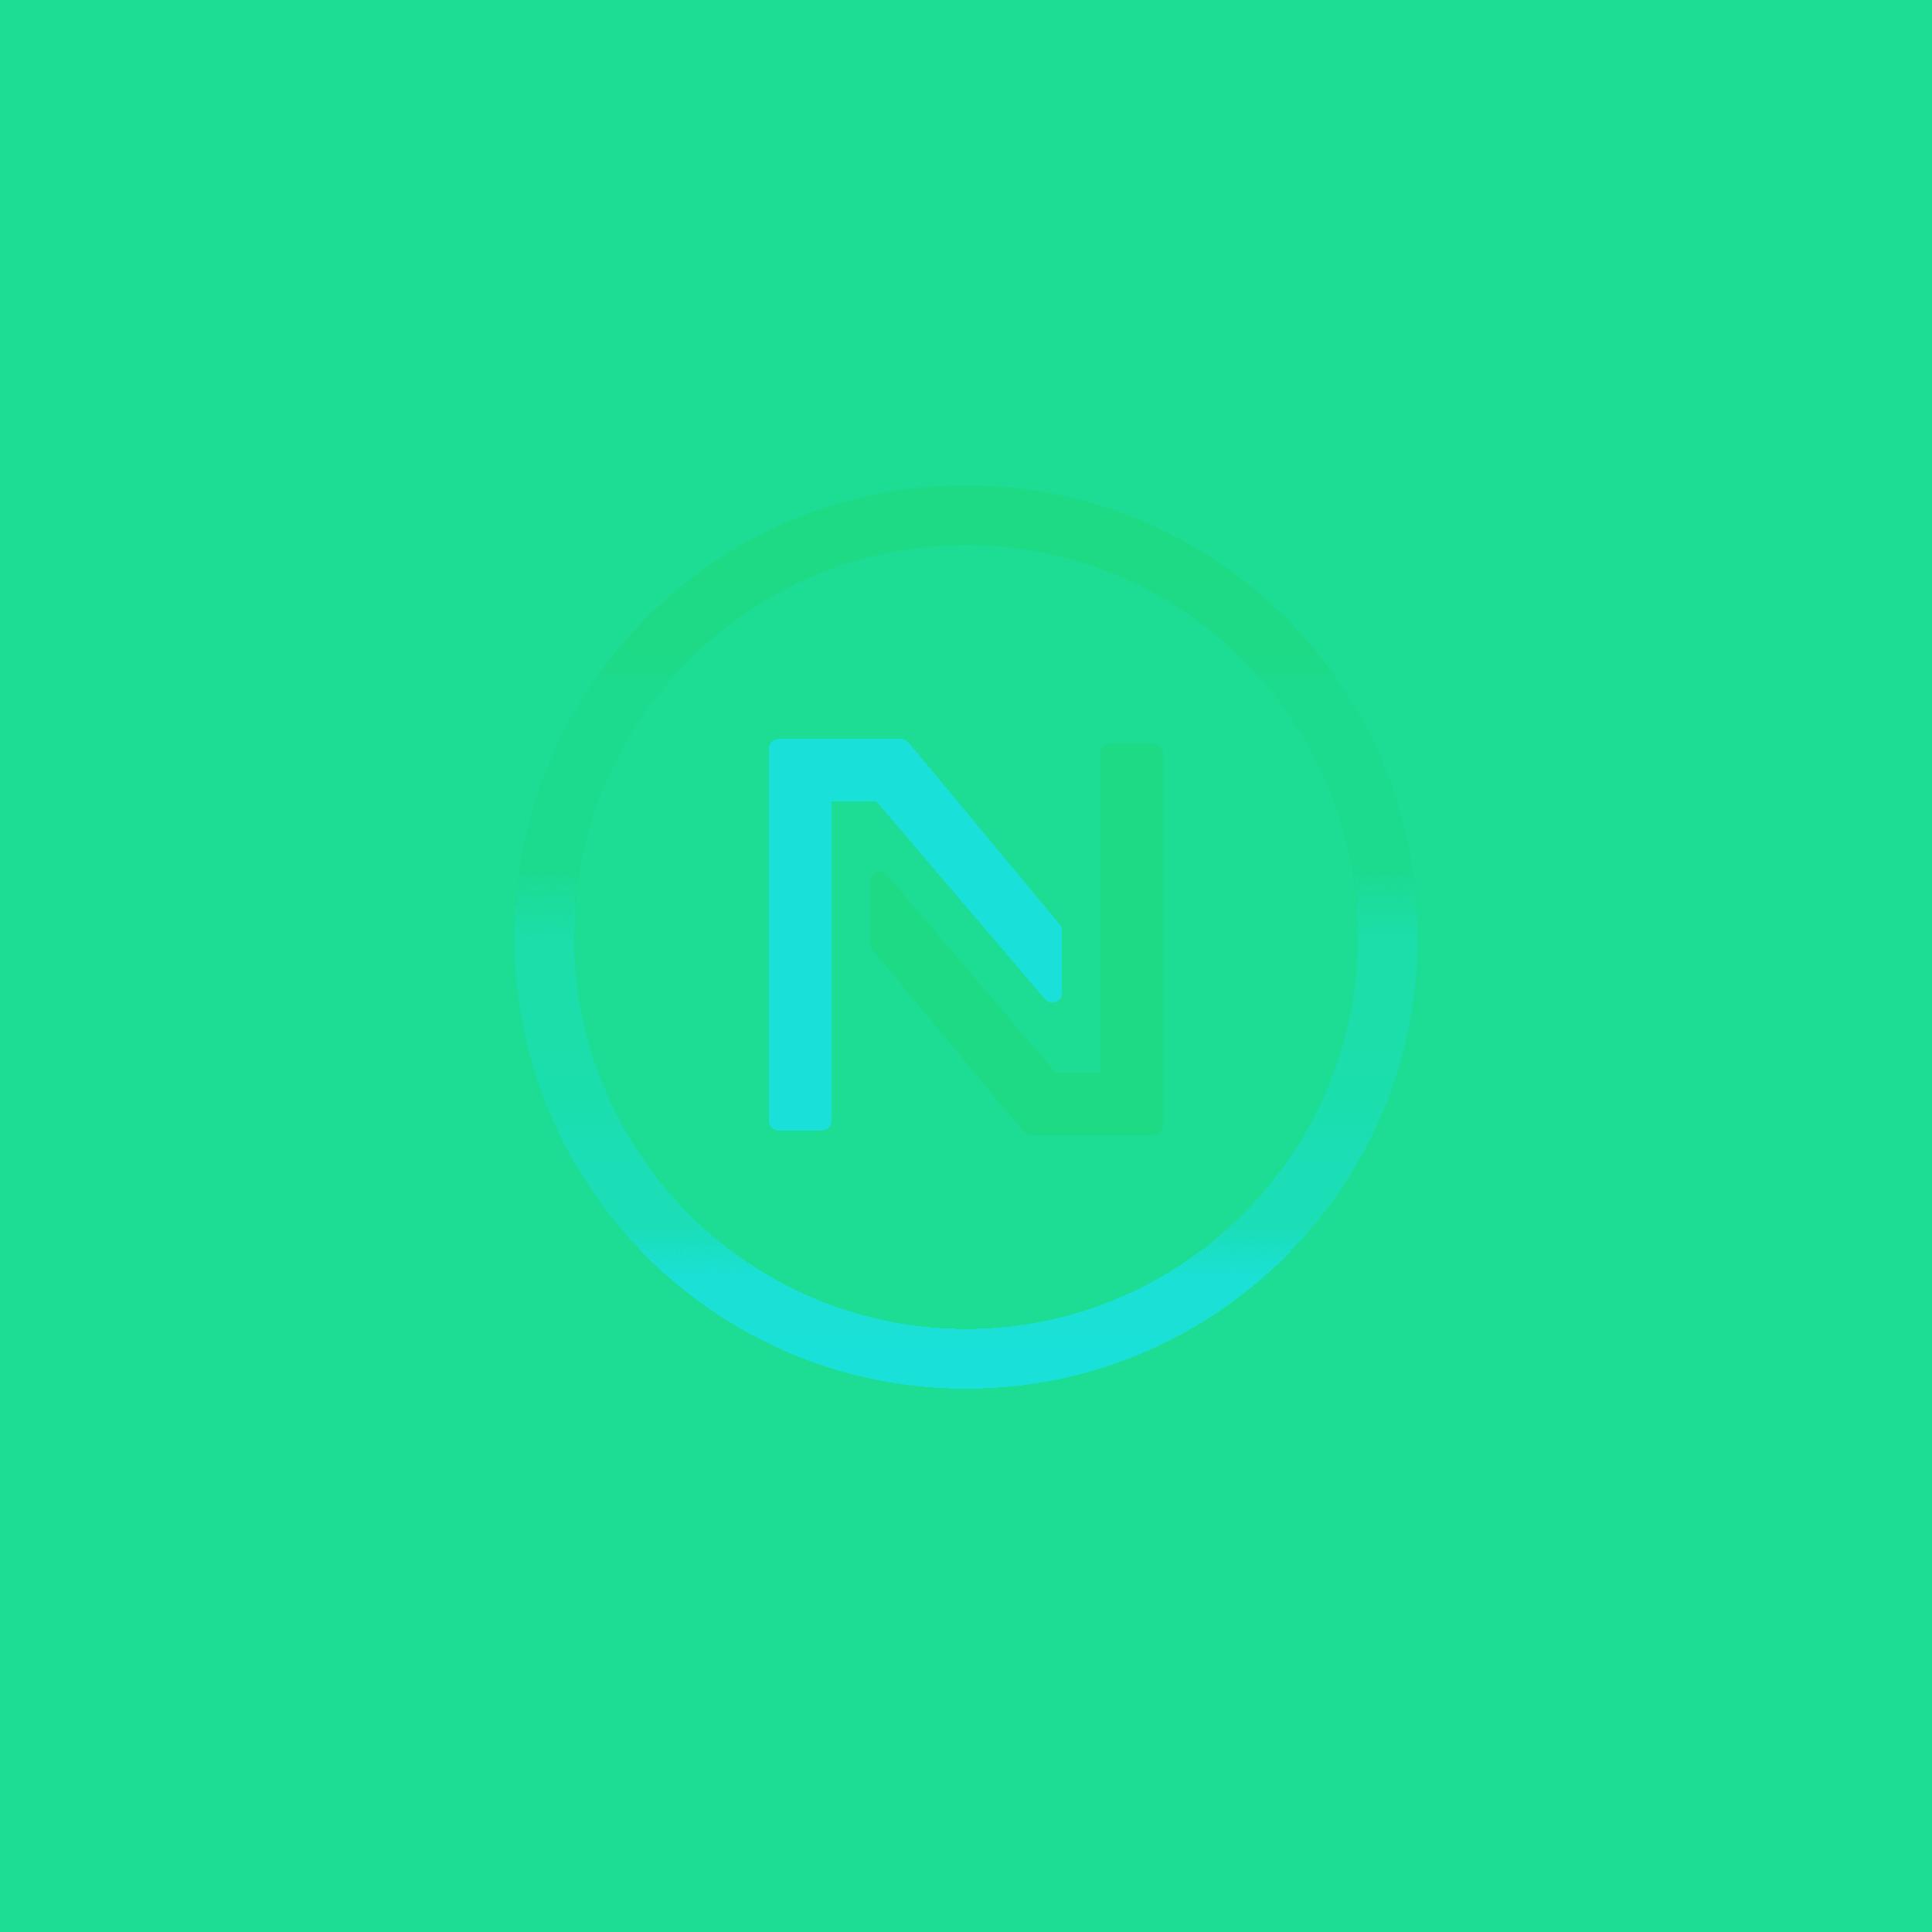 NebulaLogo_1